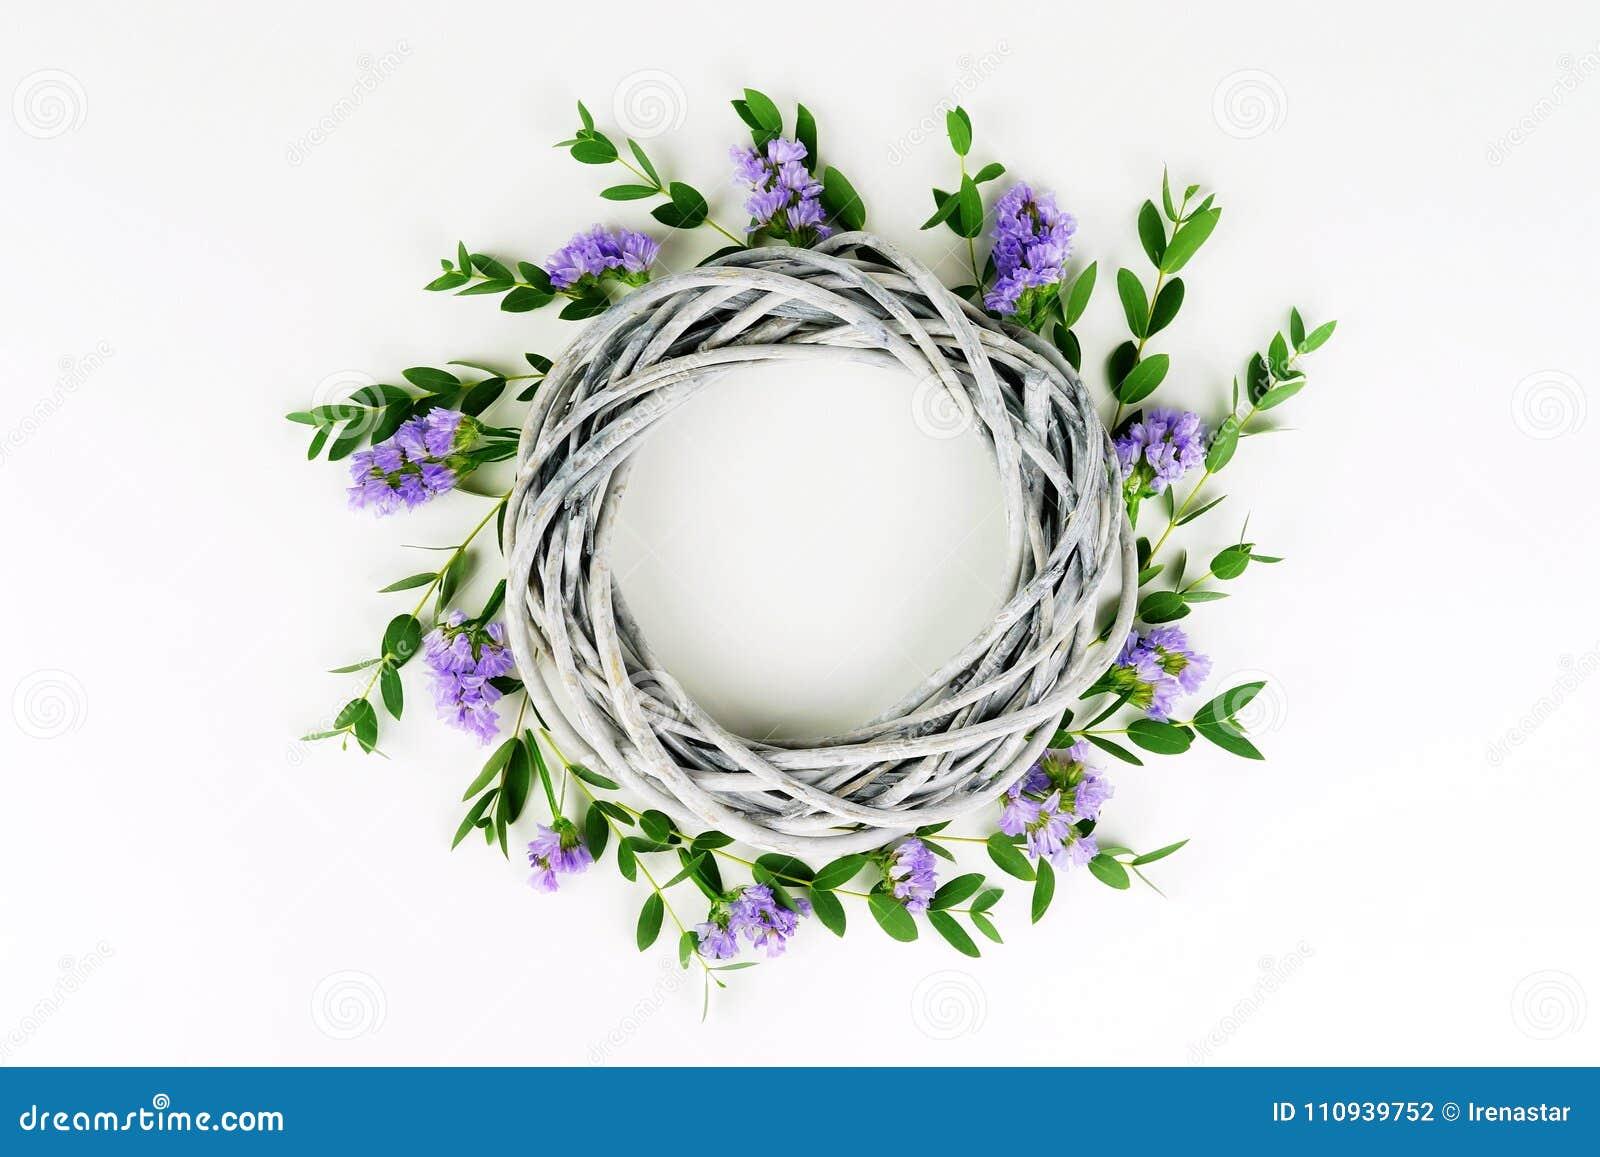 Guirnalda hecha de círculo de mimbre, las ramas del eucalipto y flores púrpuras